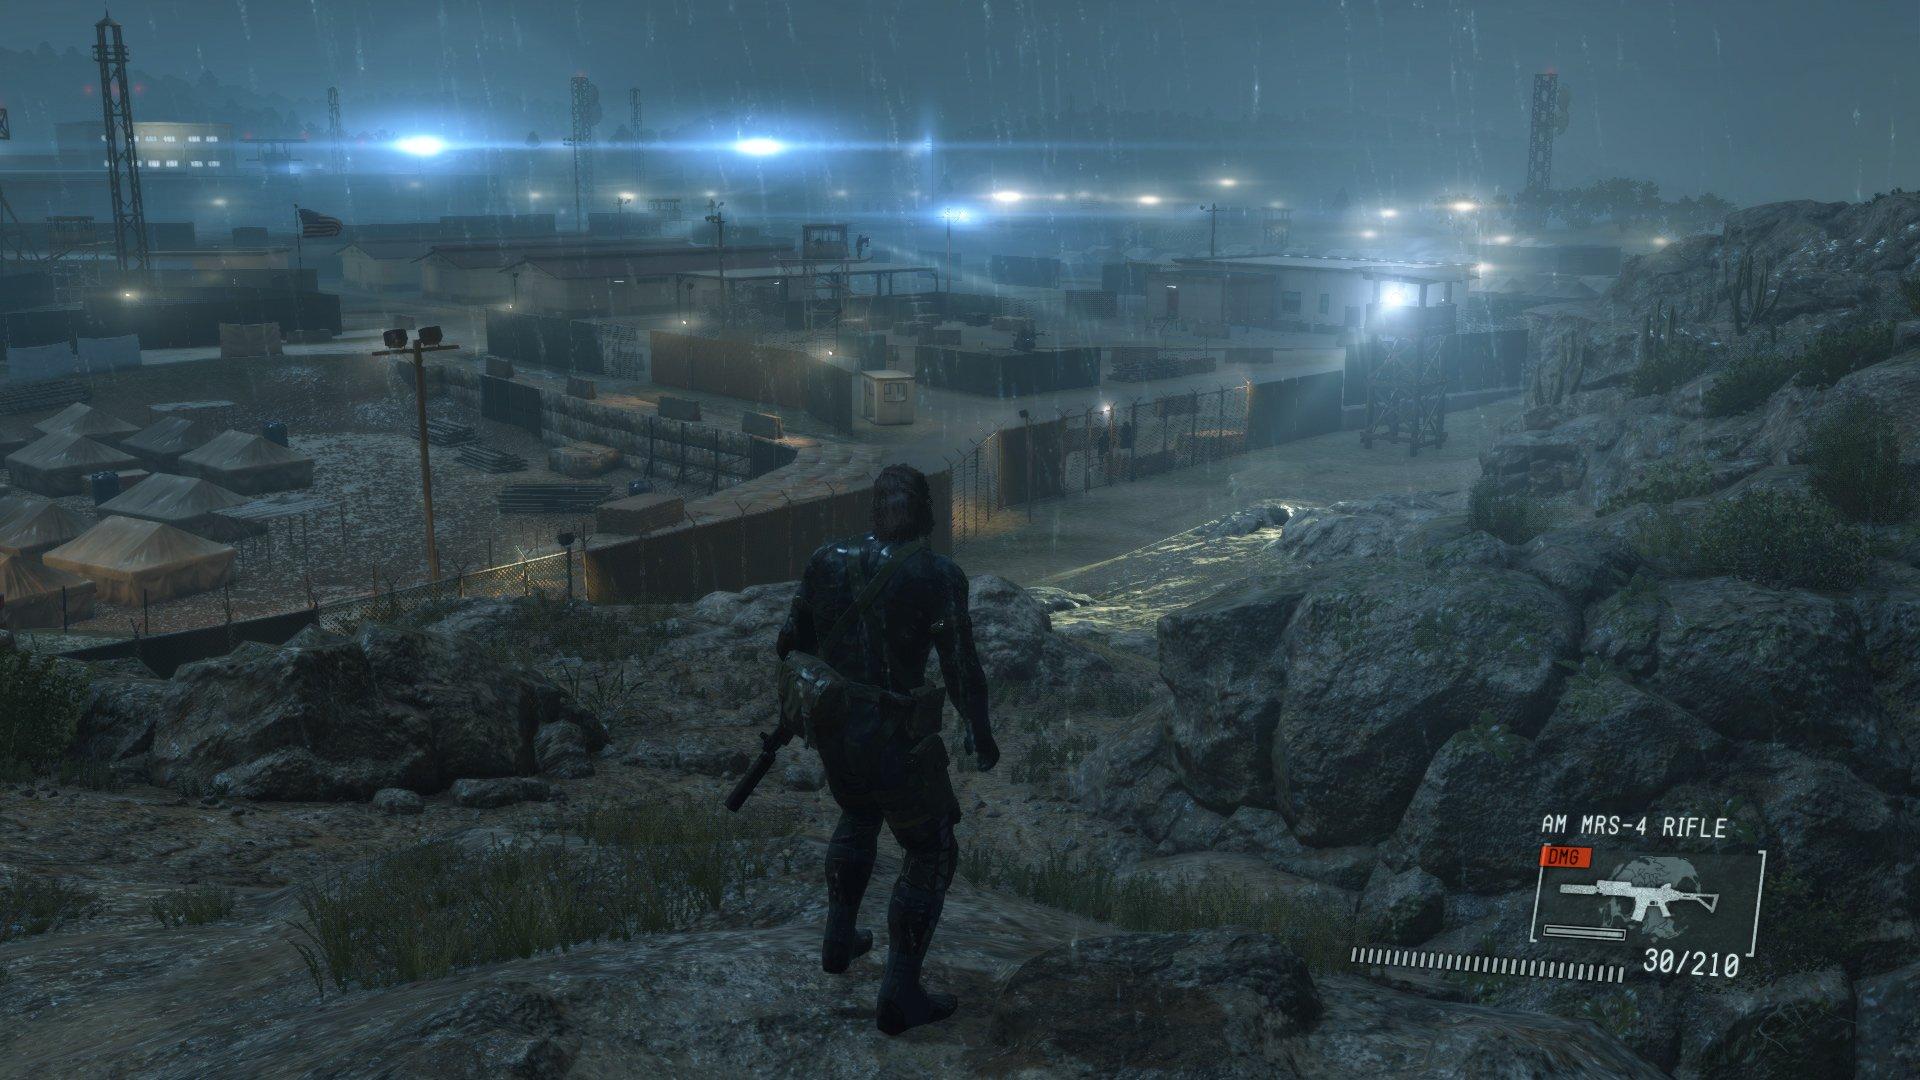 Как я вижу те или иные ситуации в Metal Gear Solid: the Phantom Pain ... часть 1 (а вдруг) - Изображение 8